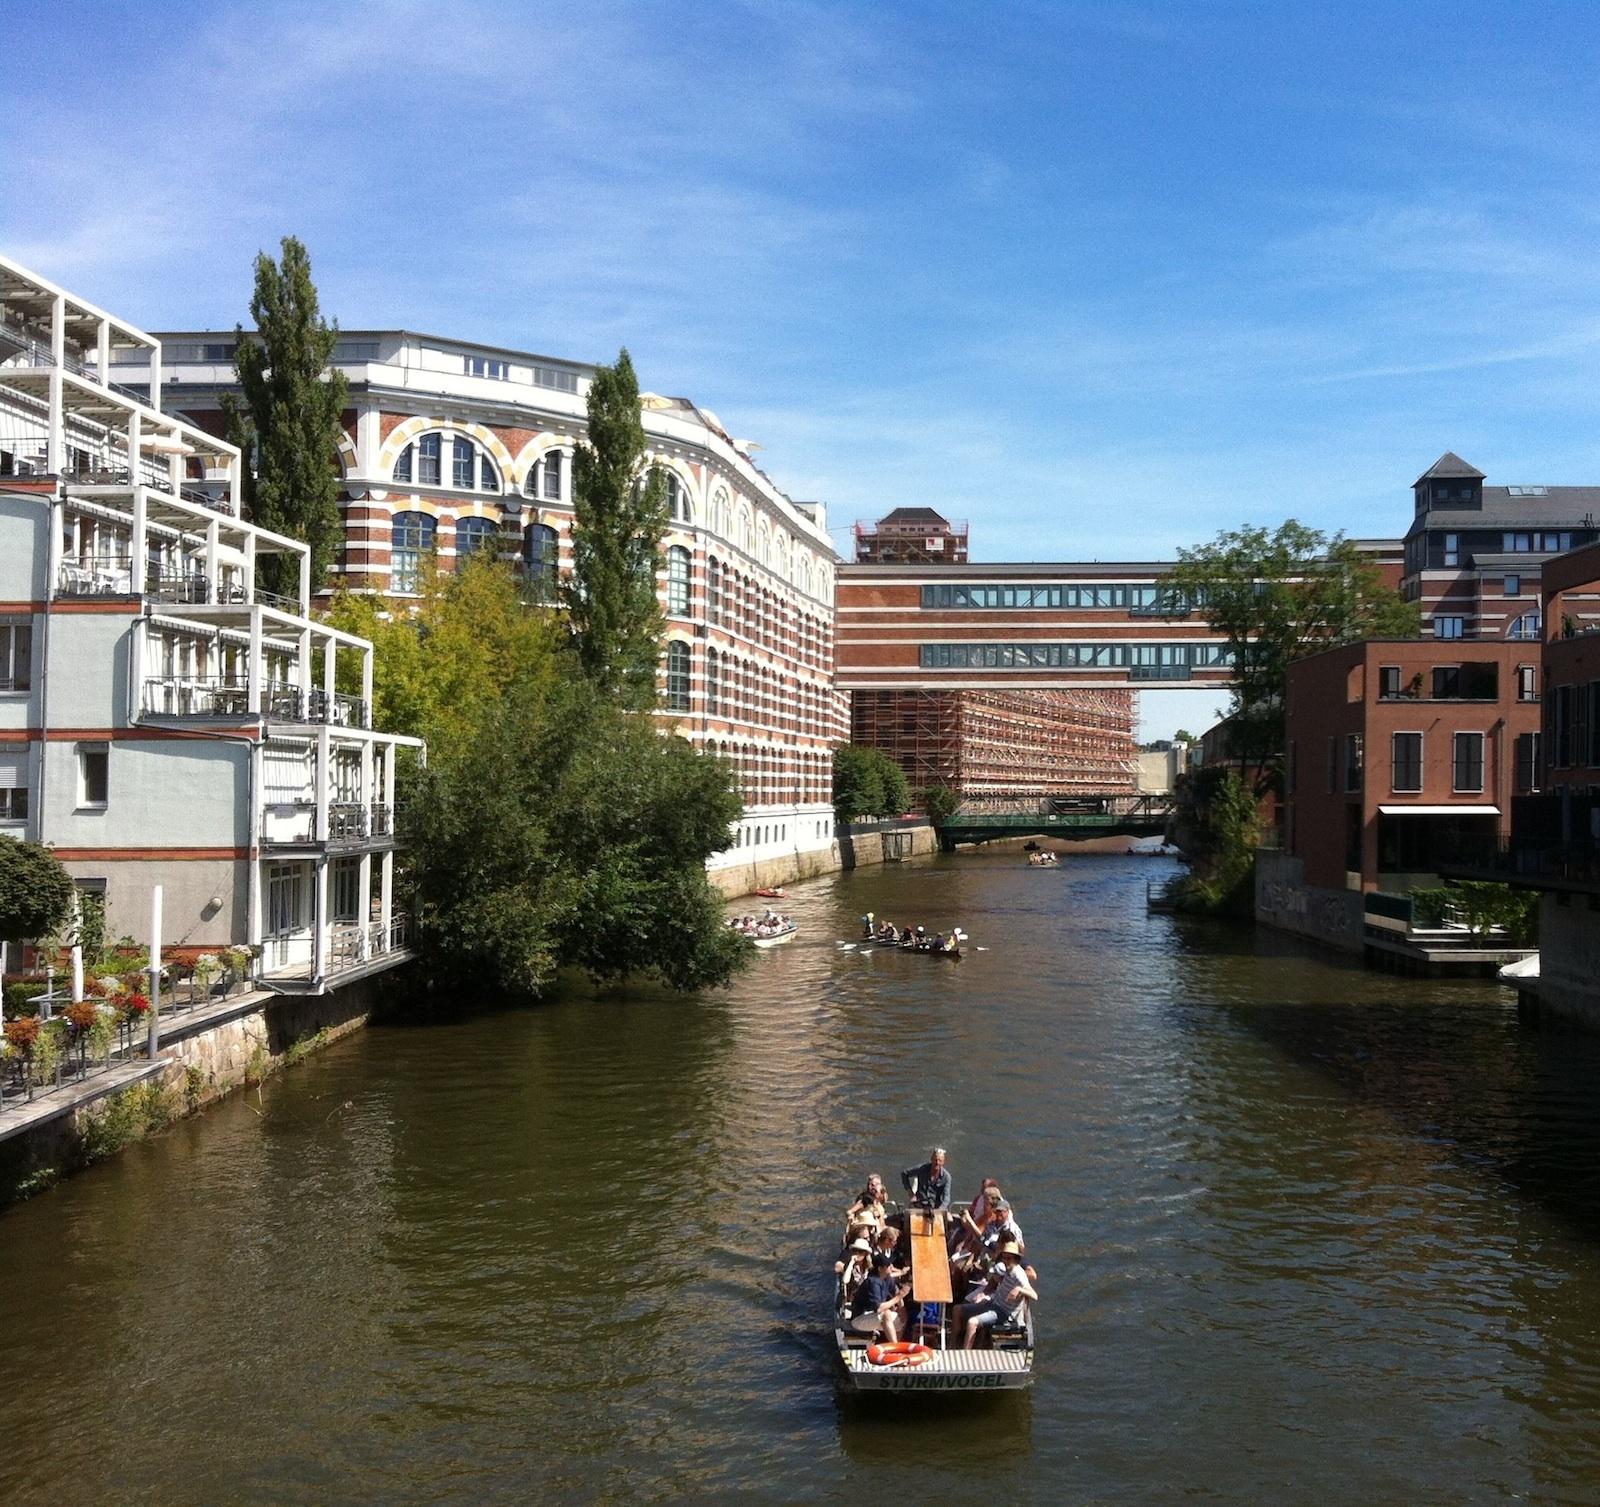 »Vom Bauerndorf zum post-industriellen Szeneviertel« Stadtteilführung per Rad zur Entwicklung von Plagwitz